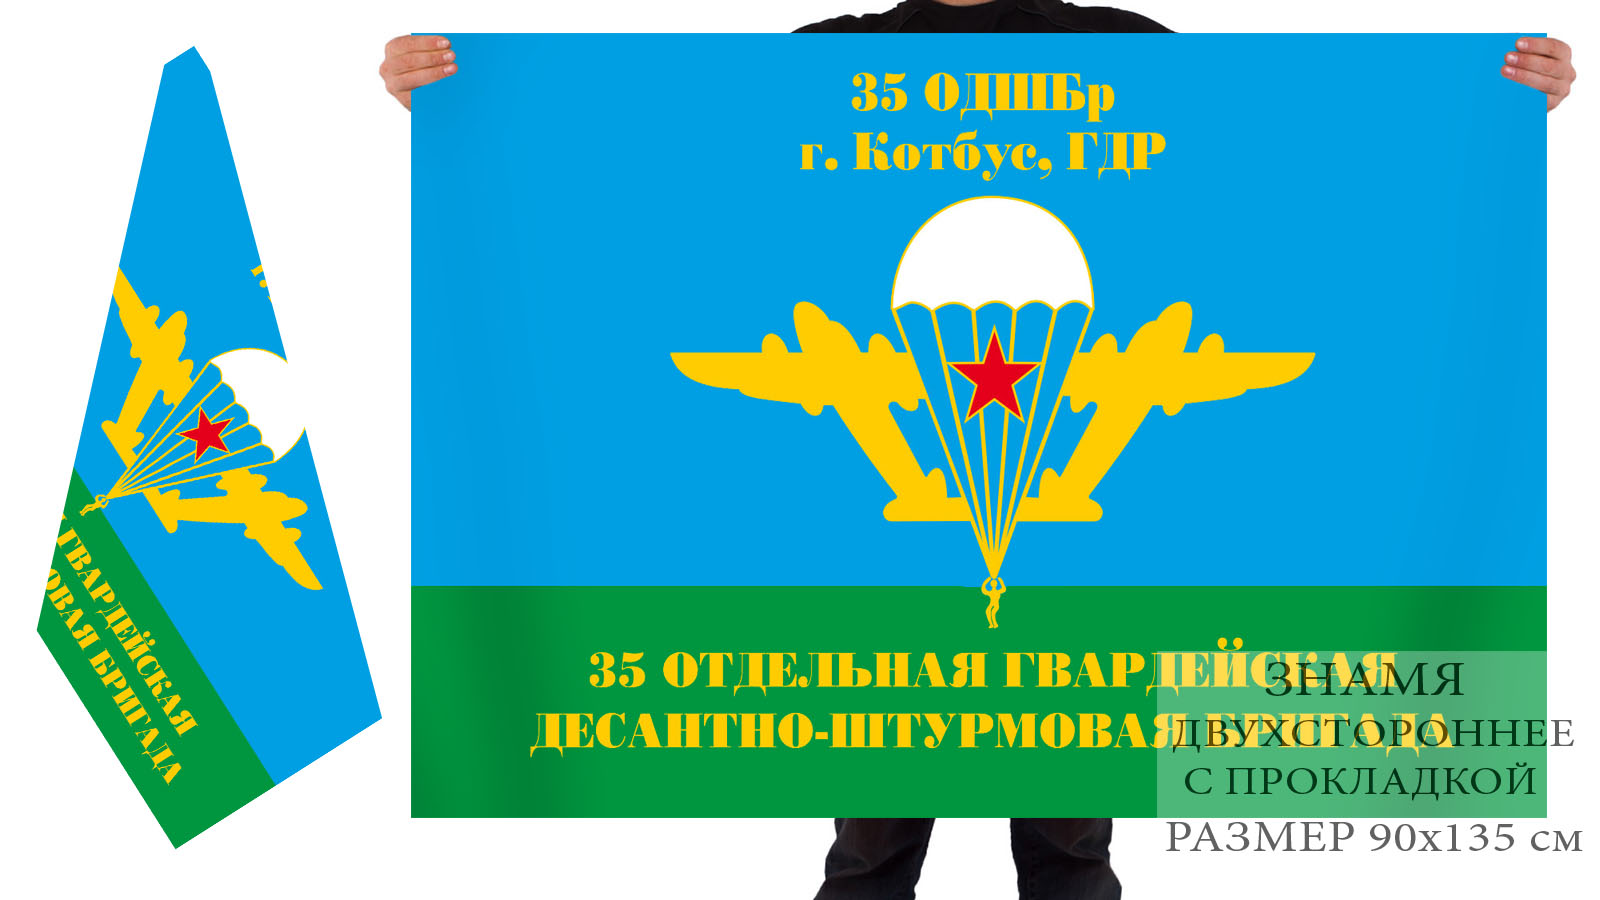 Двусторонний флаг 35 ОДШБр г. Котбус ГДР заказать по хорошей цене